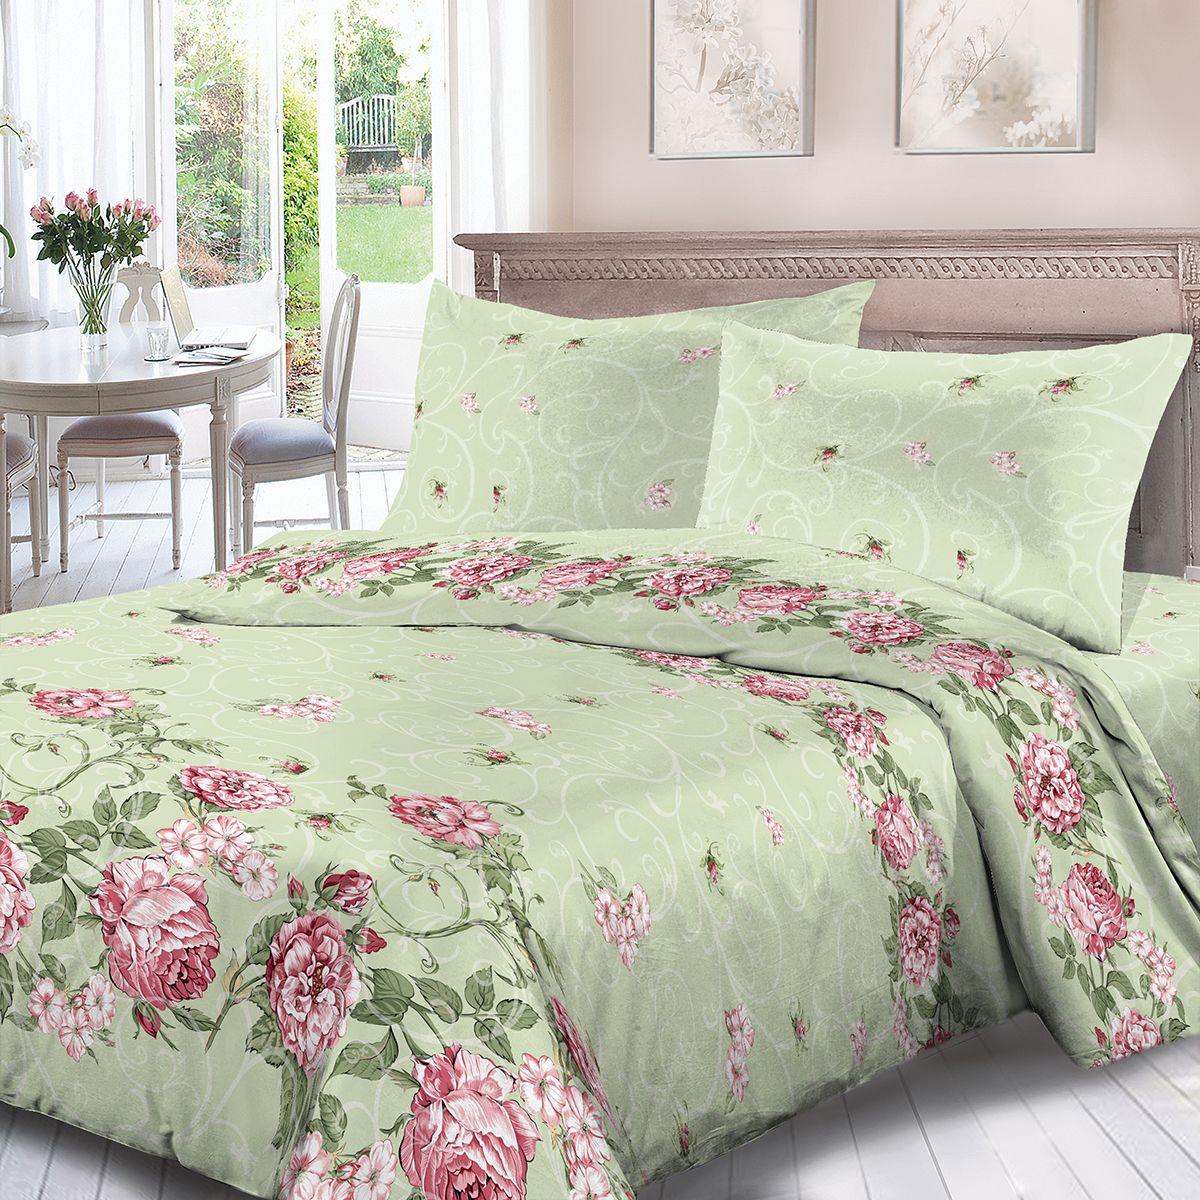 Комплект белья Для Снов Майя, семейный, наволочки 70x70, цвет: зеленый. 1754-182003